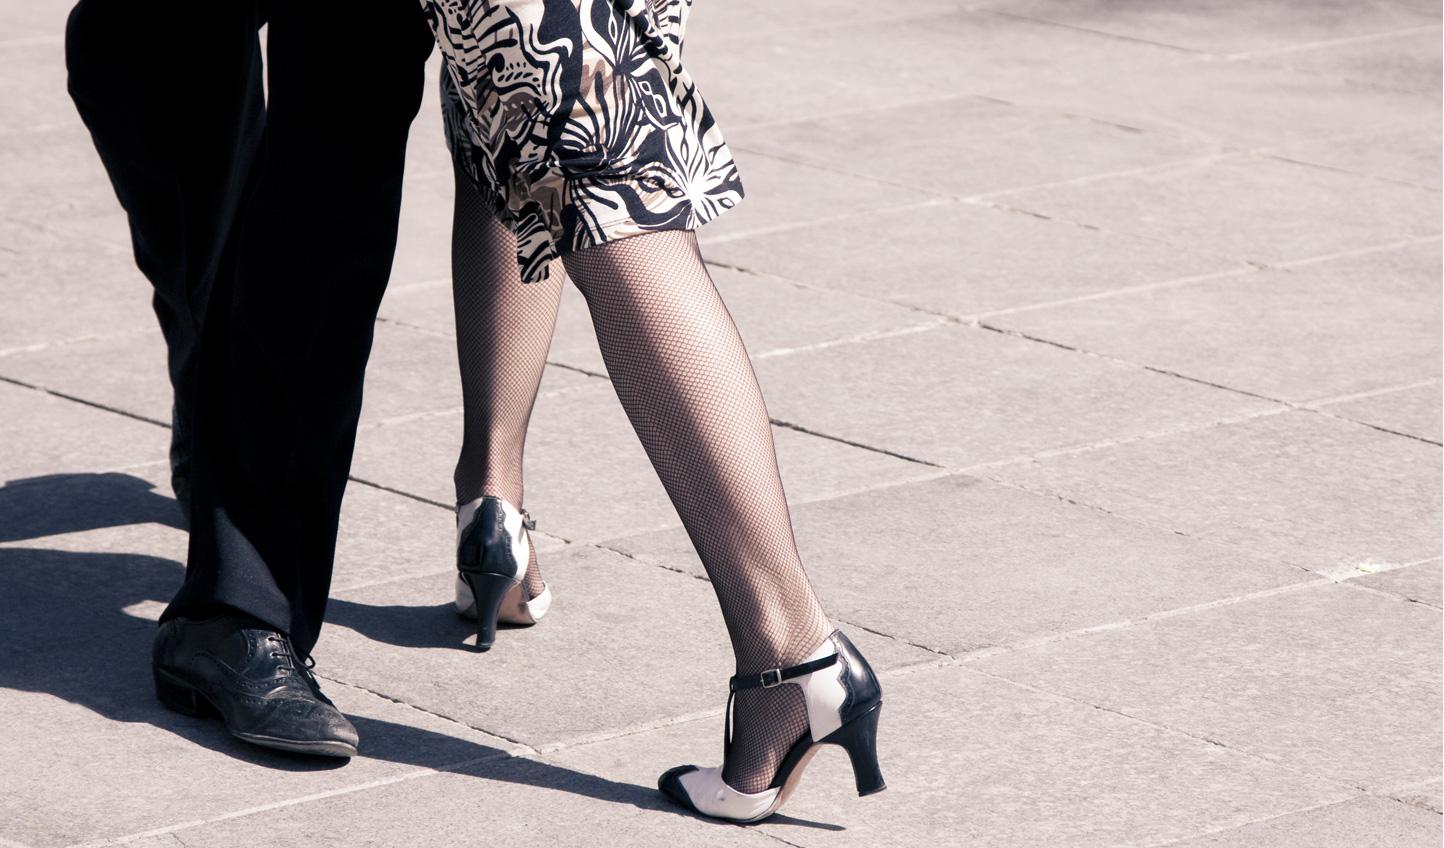 Catch a tango show in La Boca